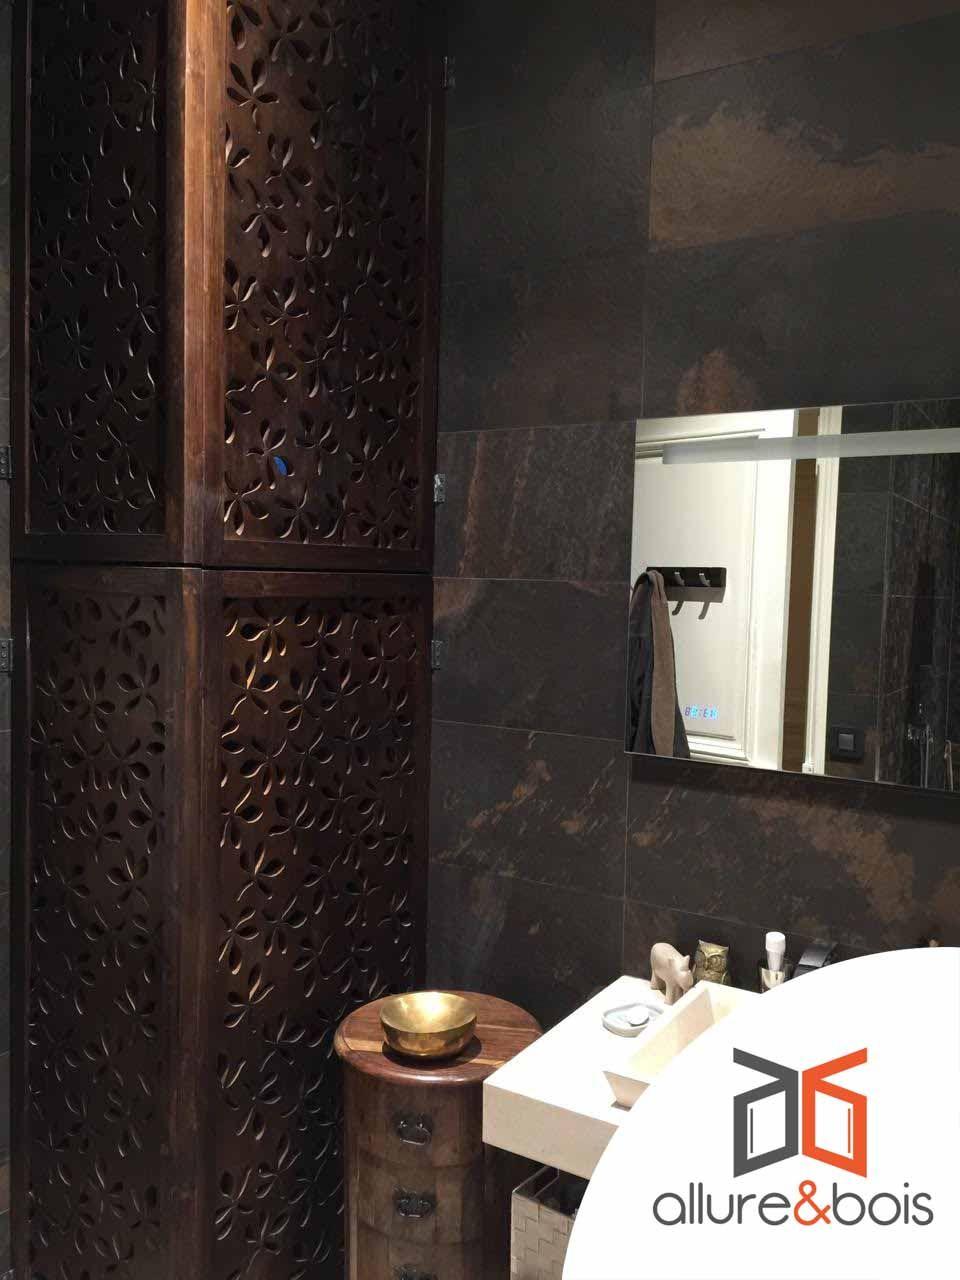 salle de bain design motif floral moucharabieh pinterest moucharabieh claustra et. Black Bedroom Furniture Sets. Home Design Ideas